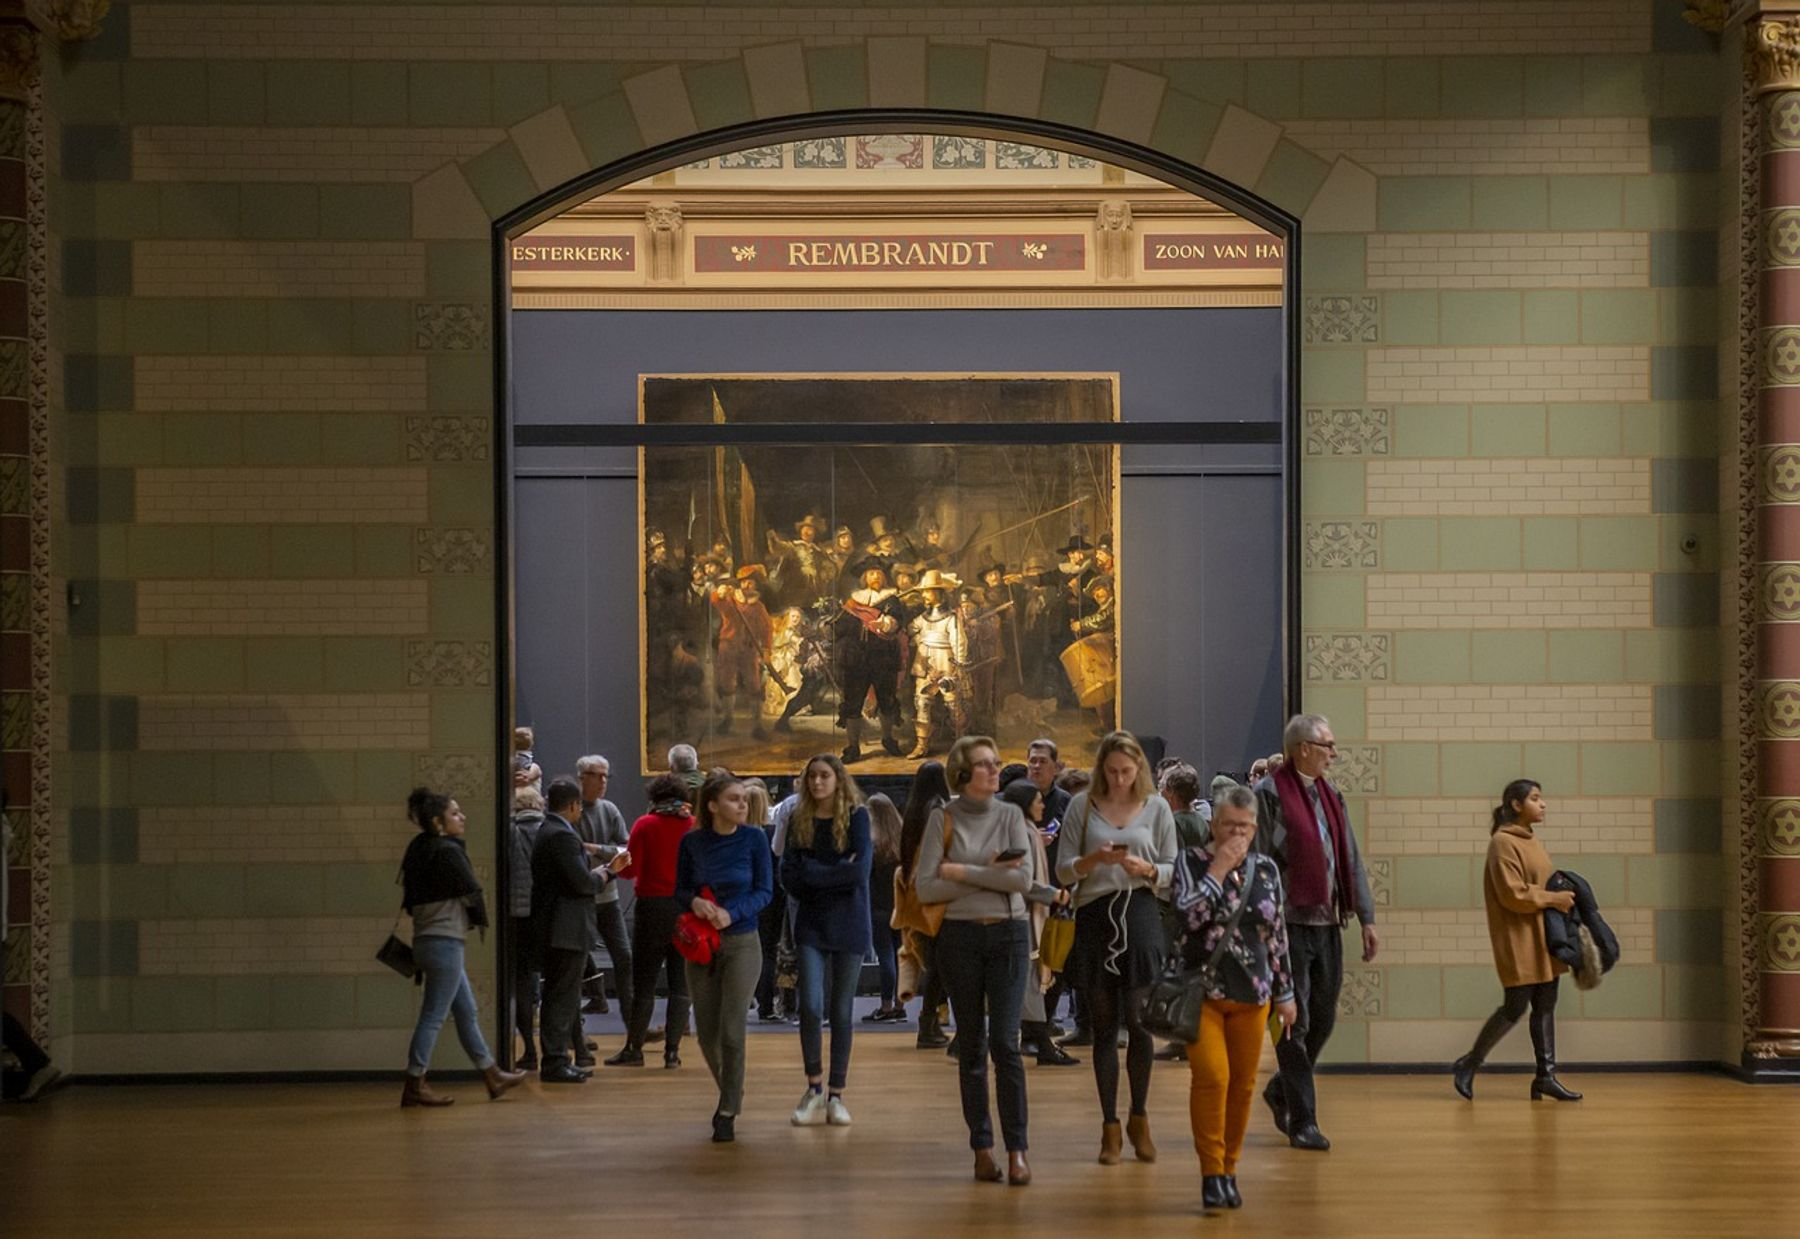 Nachtwacht Rijksmuseum in Amsterdam